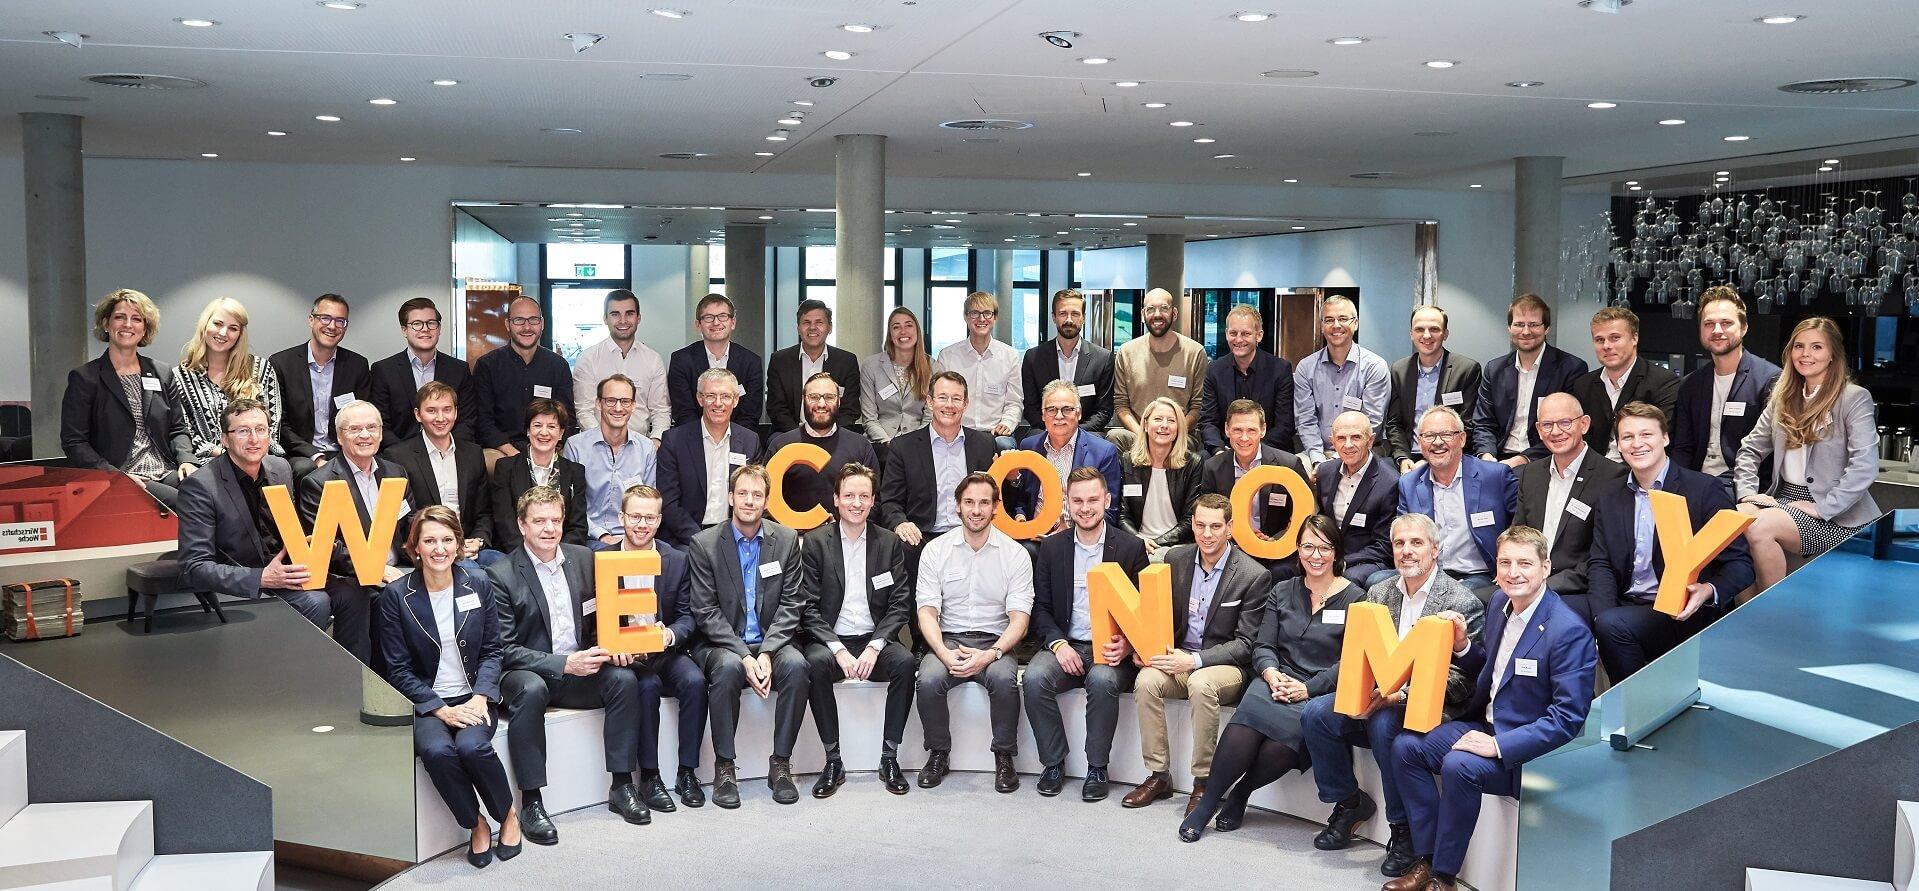 Gruppenfoto WECONOMY-Wochenende mit Start-ups und Topmanager, Team Wissensfabrik, UnternehmerTUM, Handelsblatt